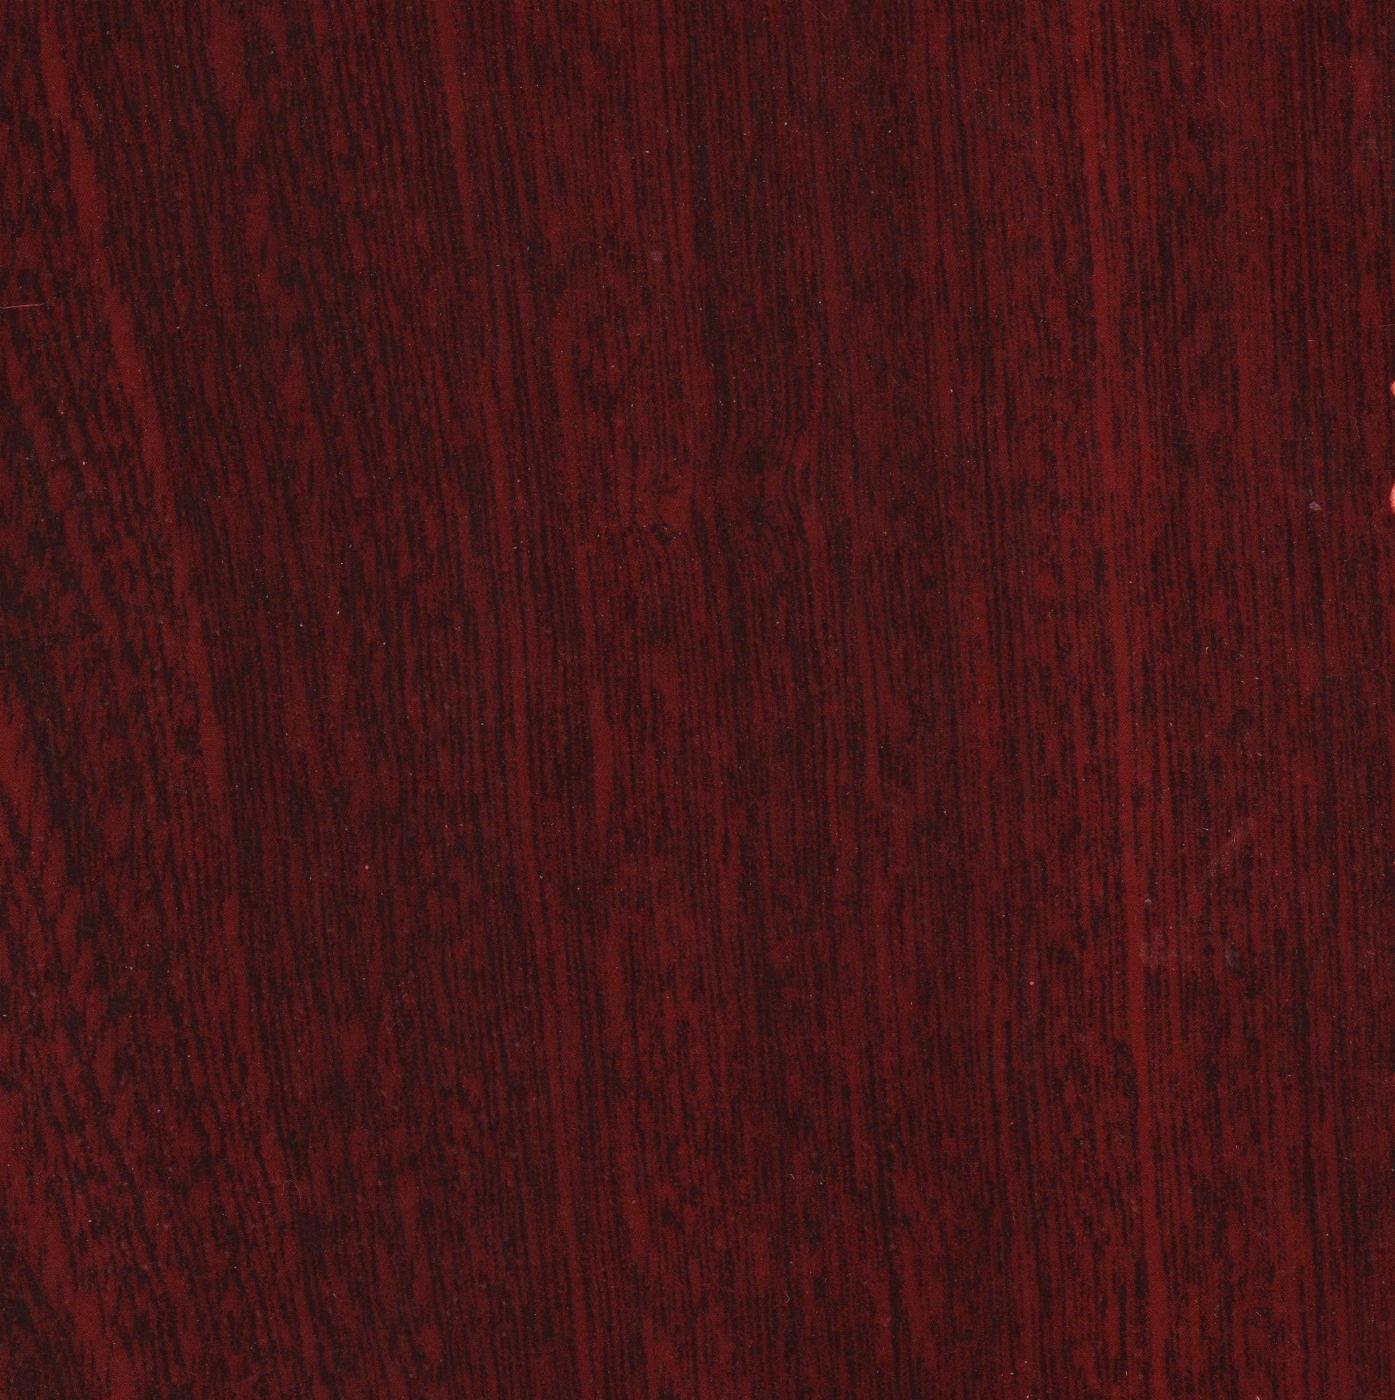 Прихожая вика-1 (н4) - 4150 руб. купить недорого в москве.